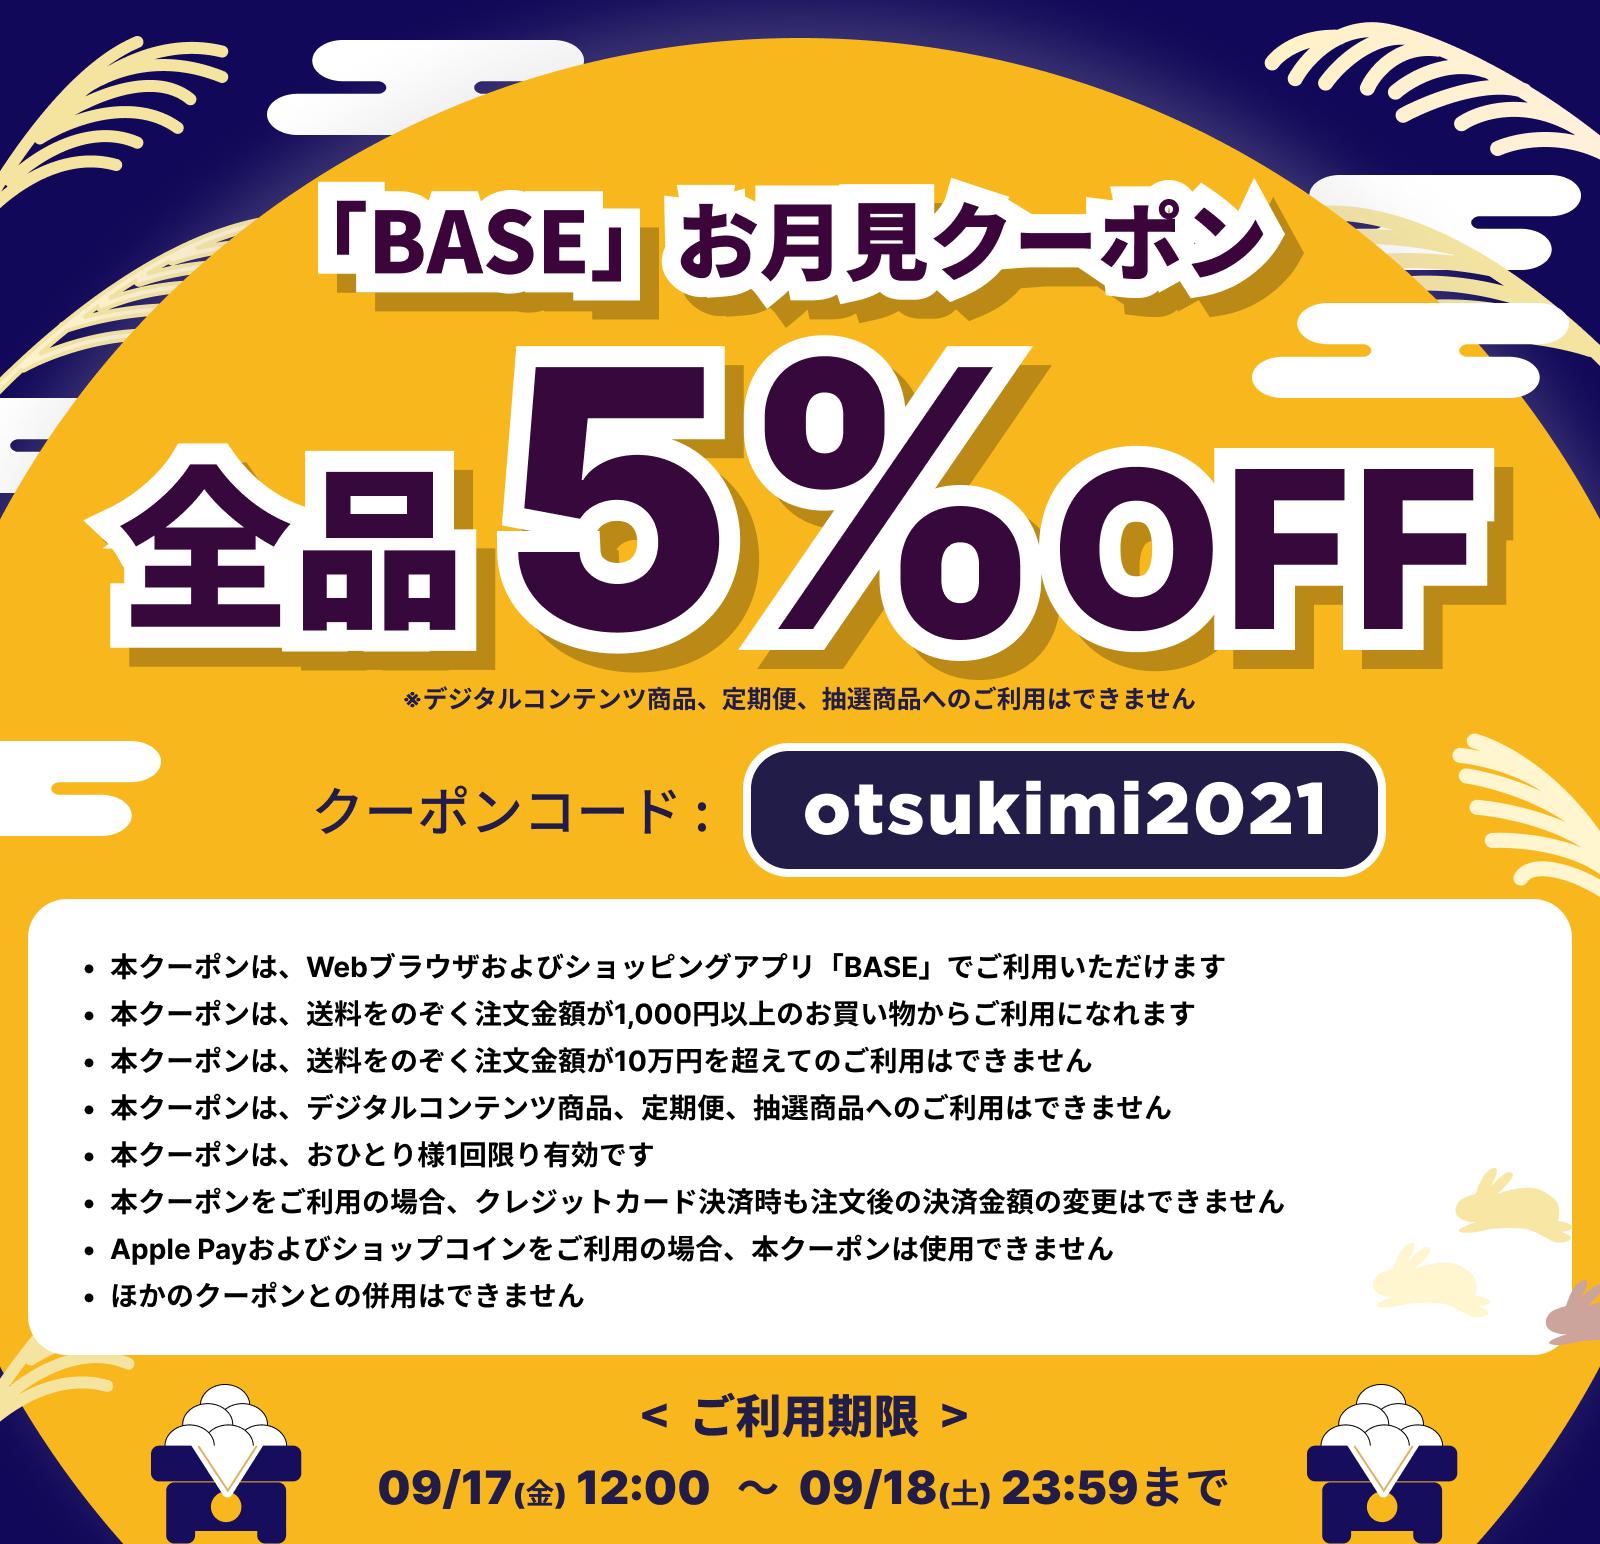 【9/17~18期間限定】【BASE】お月見クーポン お得な5%オフクーポン